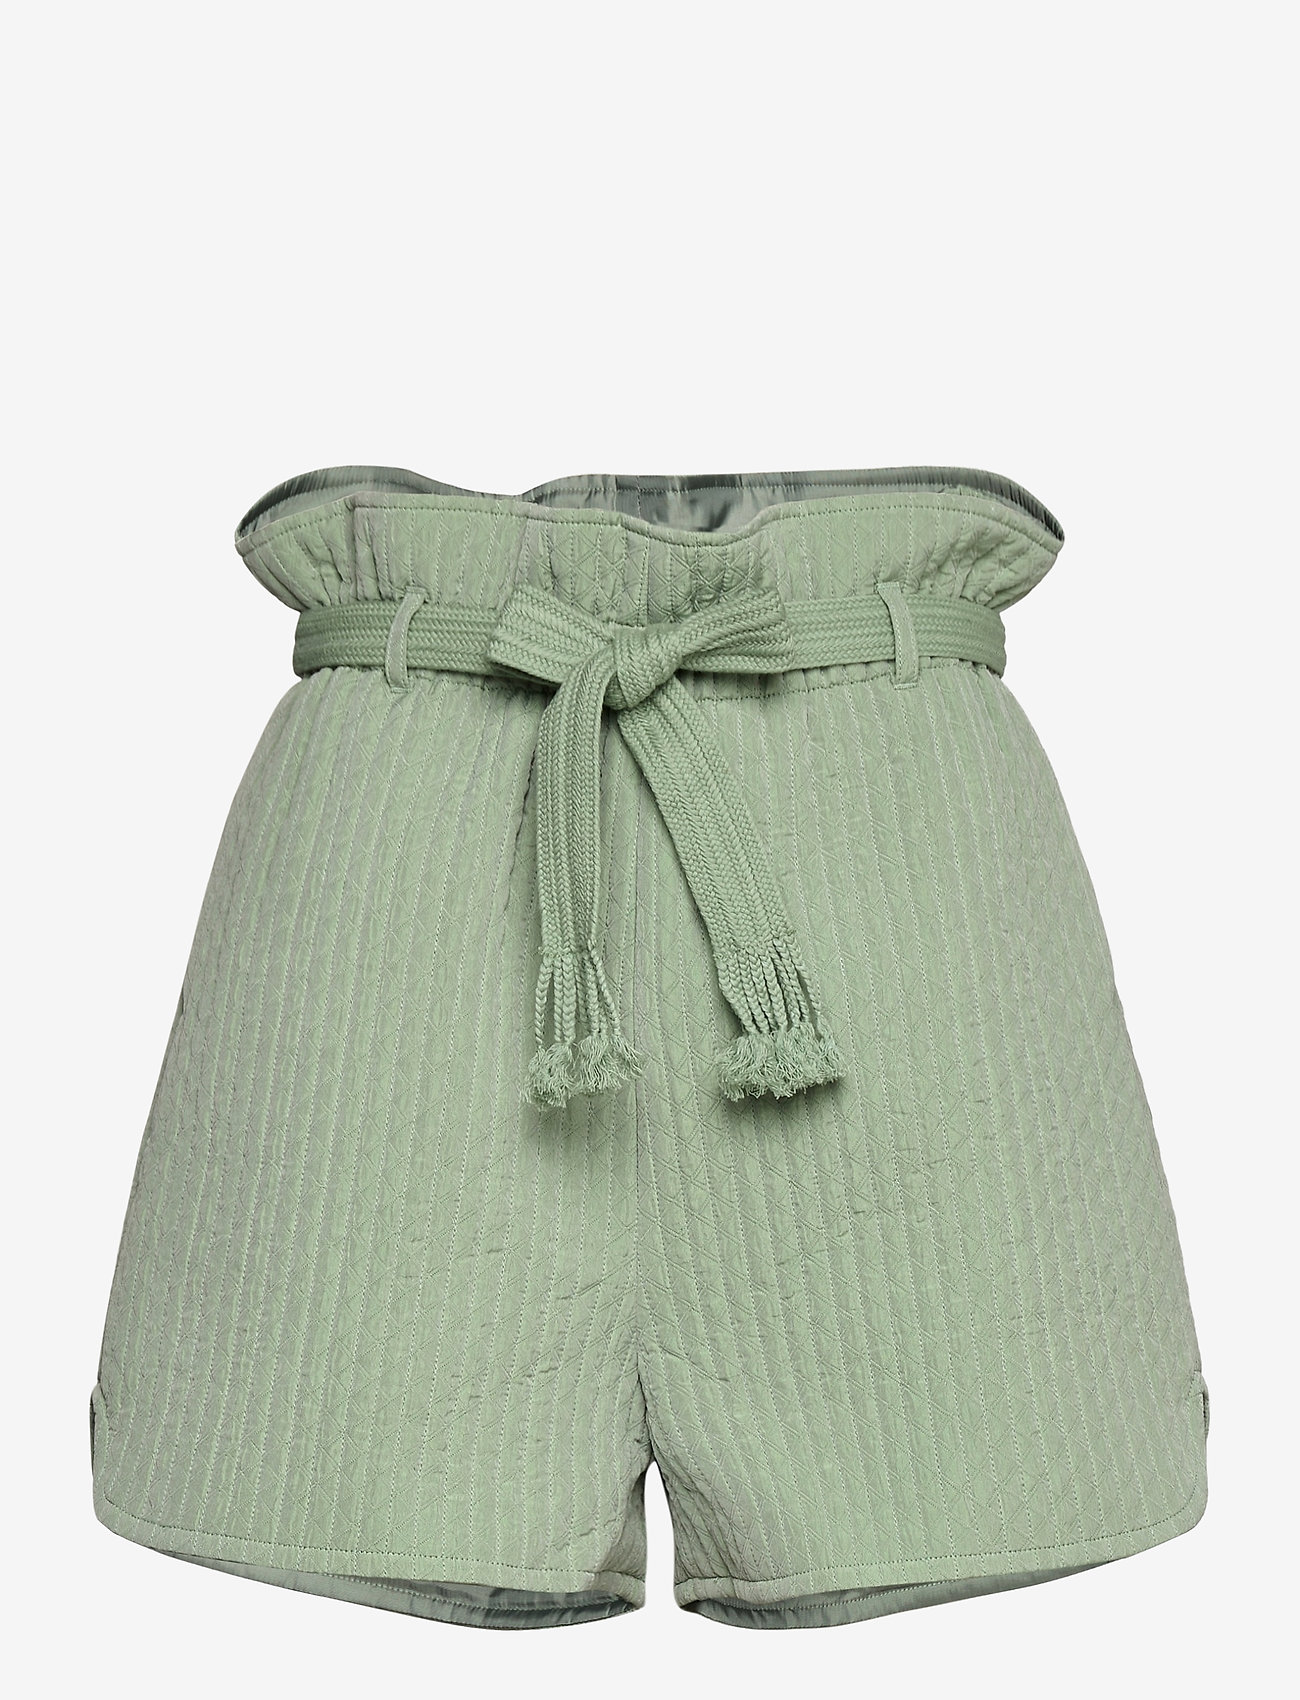 Grønn shorts med knyting